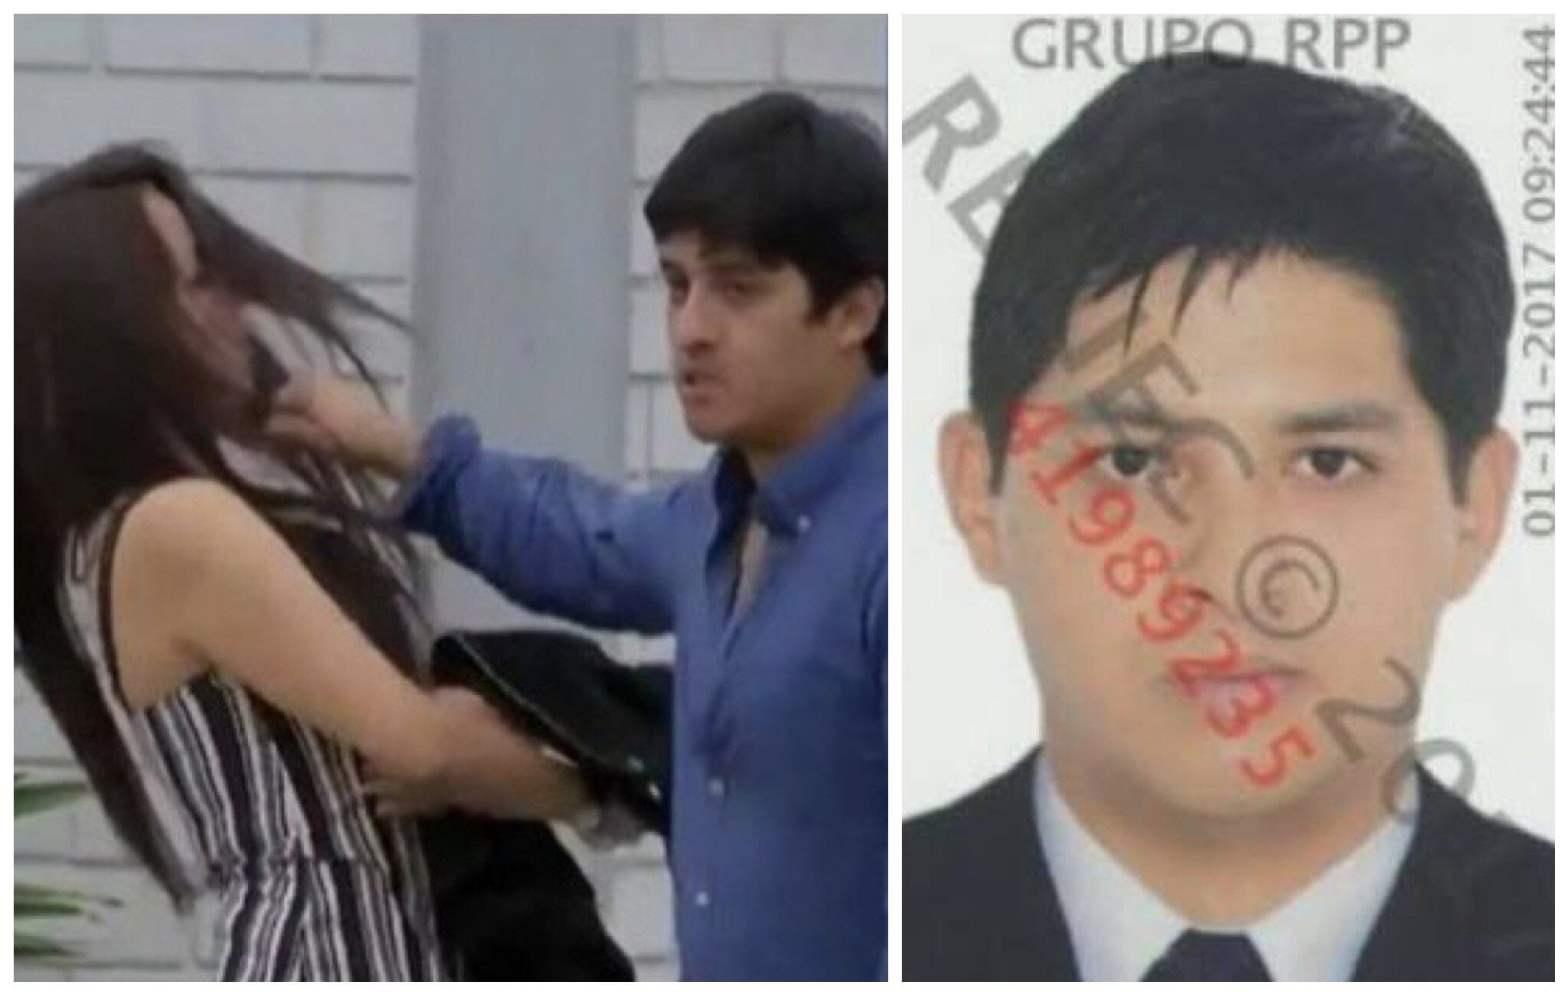 Identifican a hombre que agredió a mujer y videoreportero en Chorrillos